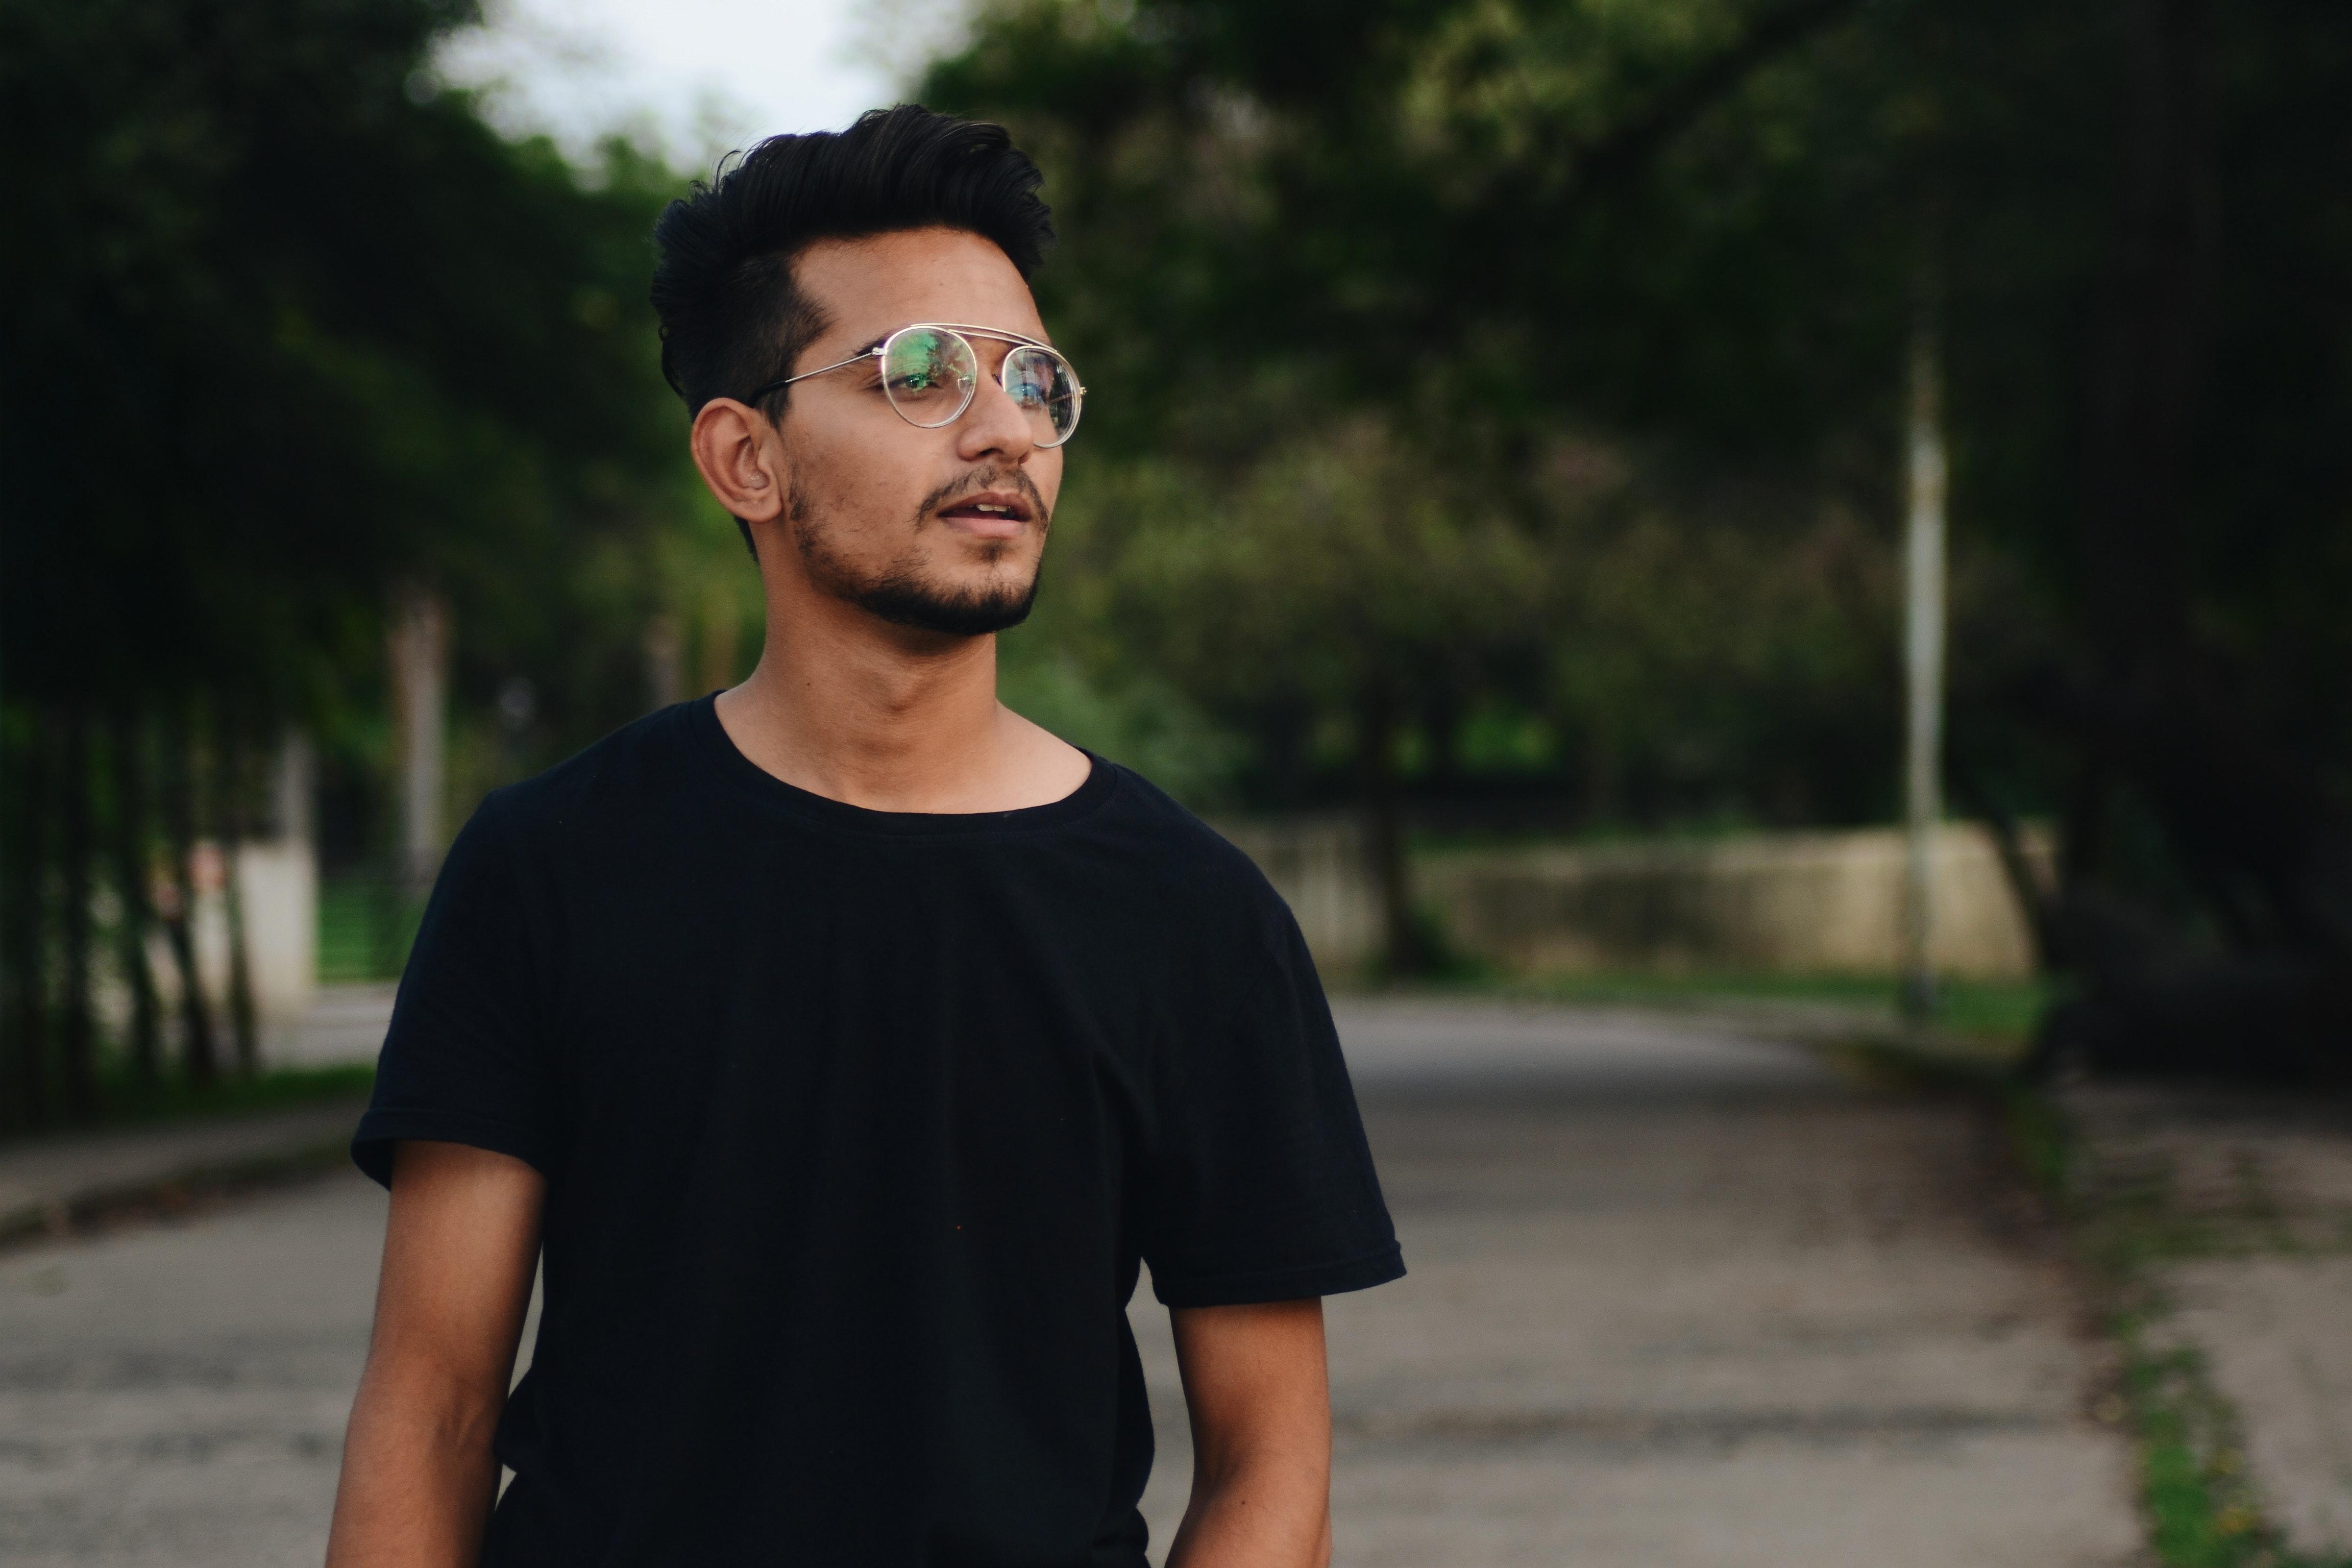 48a357047c90 dagslys briller ansigt ansigtshår smuk mand udendørs parkere person positur  vej træer have på ung